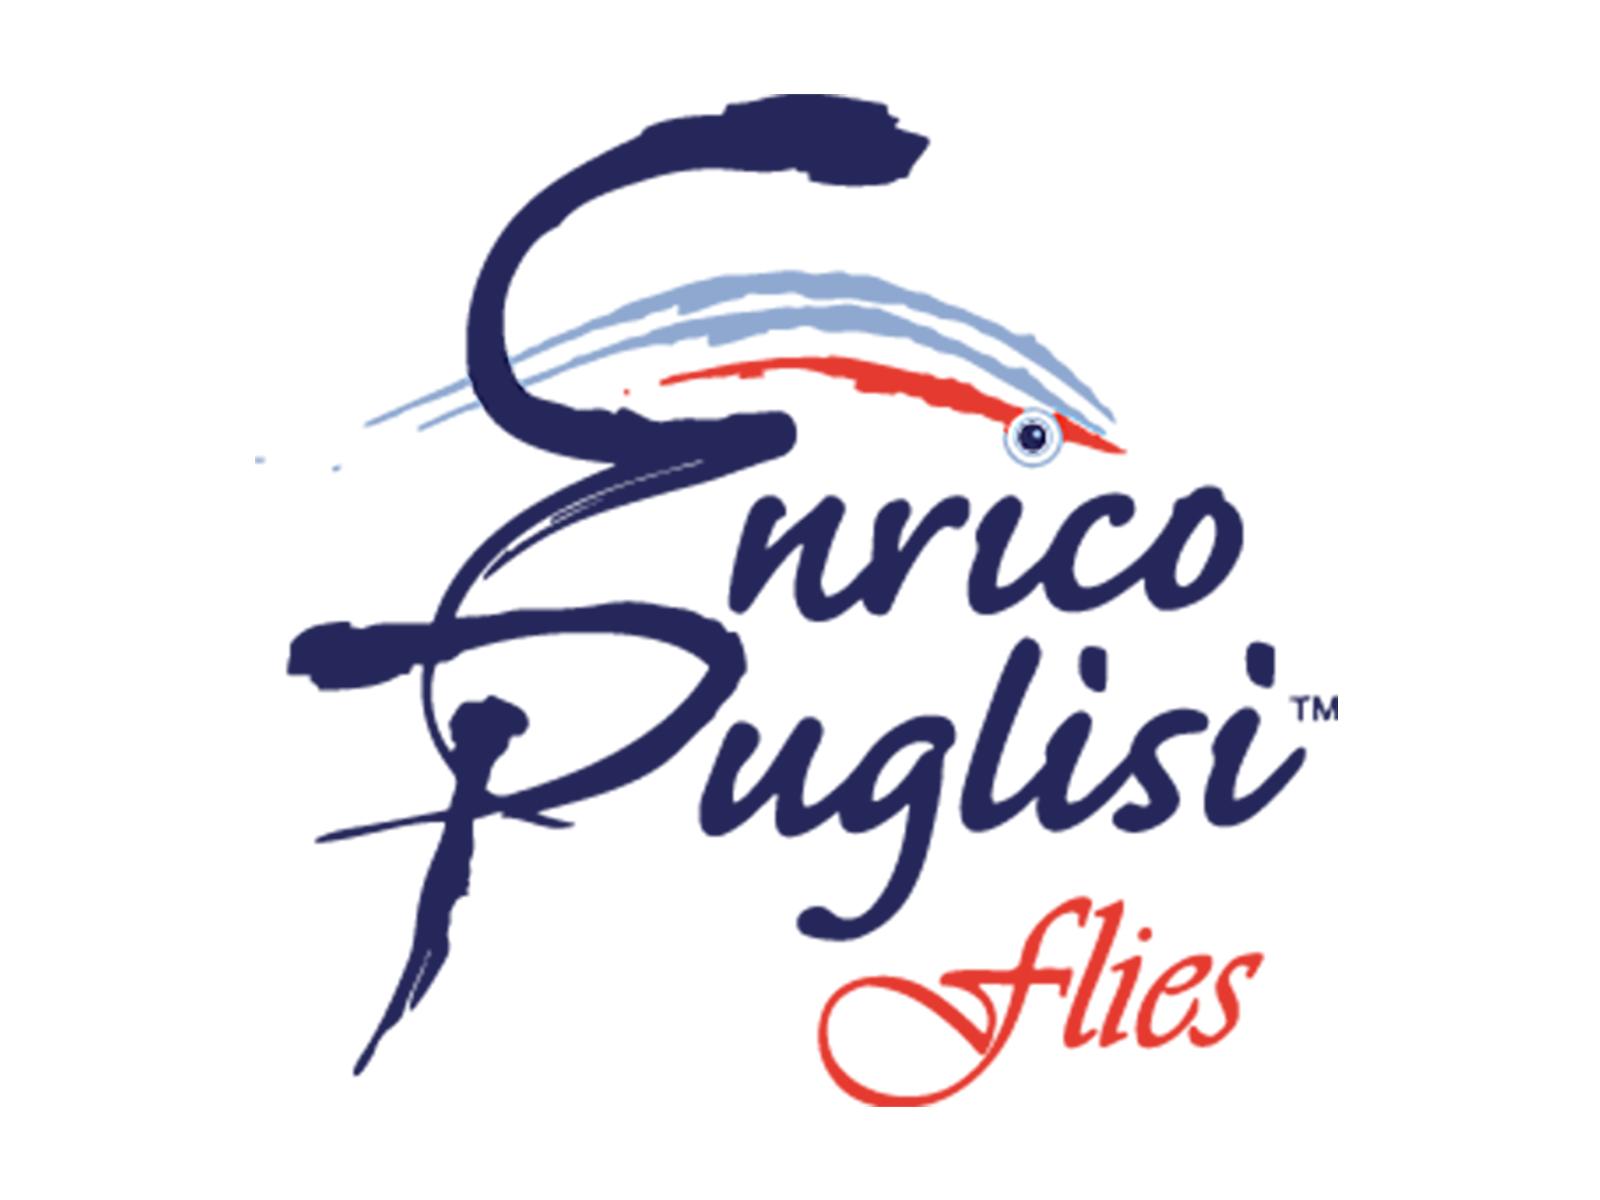 ENRICO PUGLISH FLIES